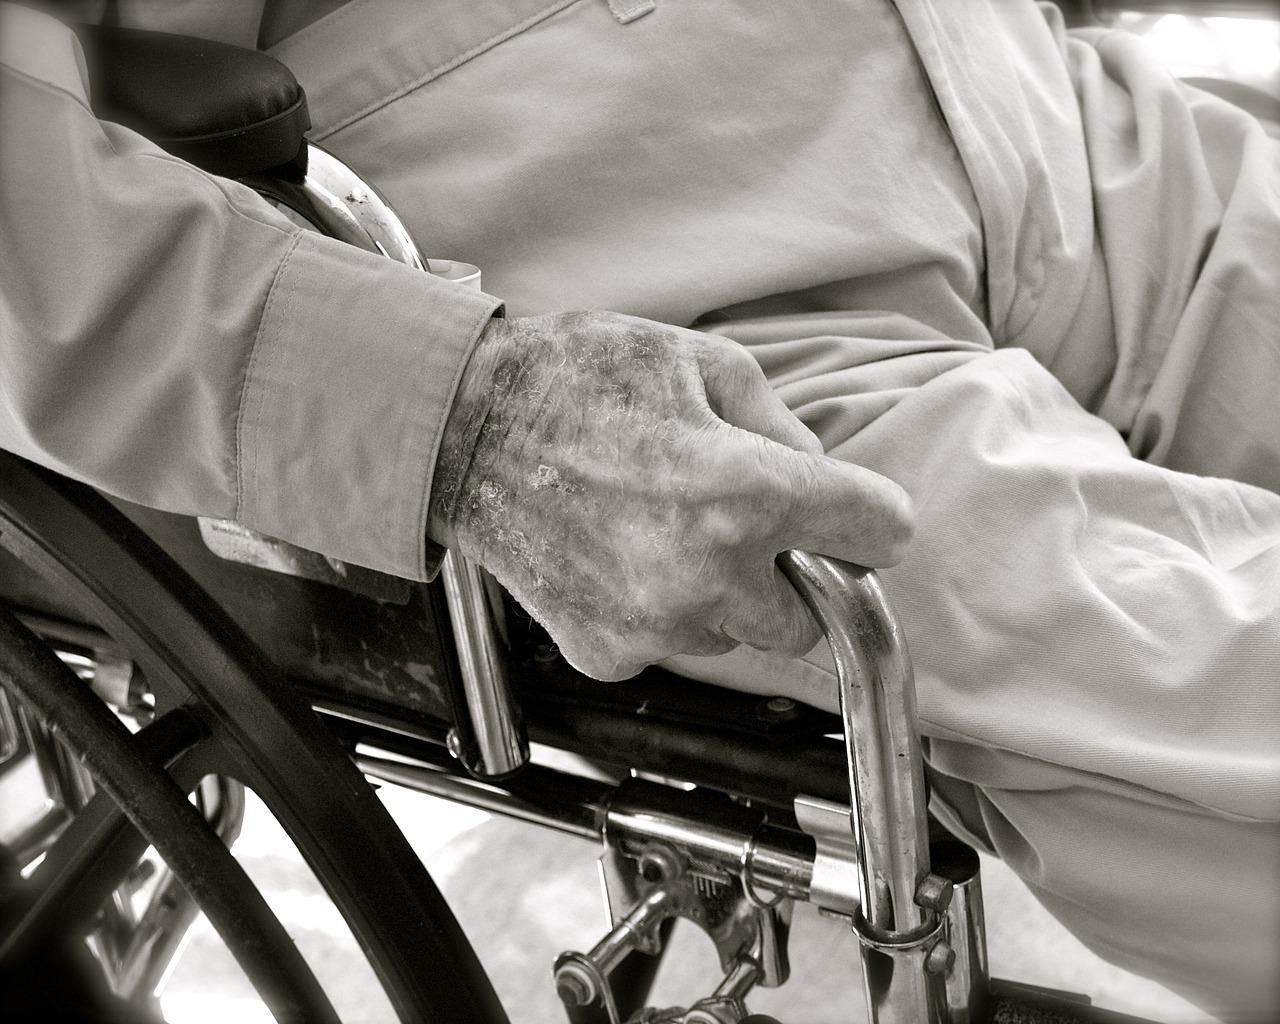 У Києві перевірили будинки для літніх людей: відкрили 9 кримінальних справ - літні люди, кримінальне провадження, будинки - aging 2379003 1280